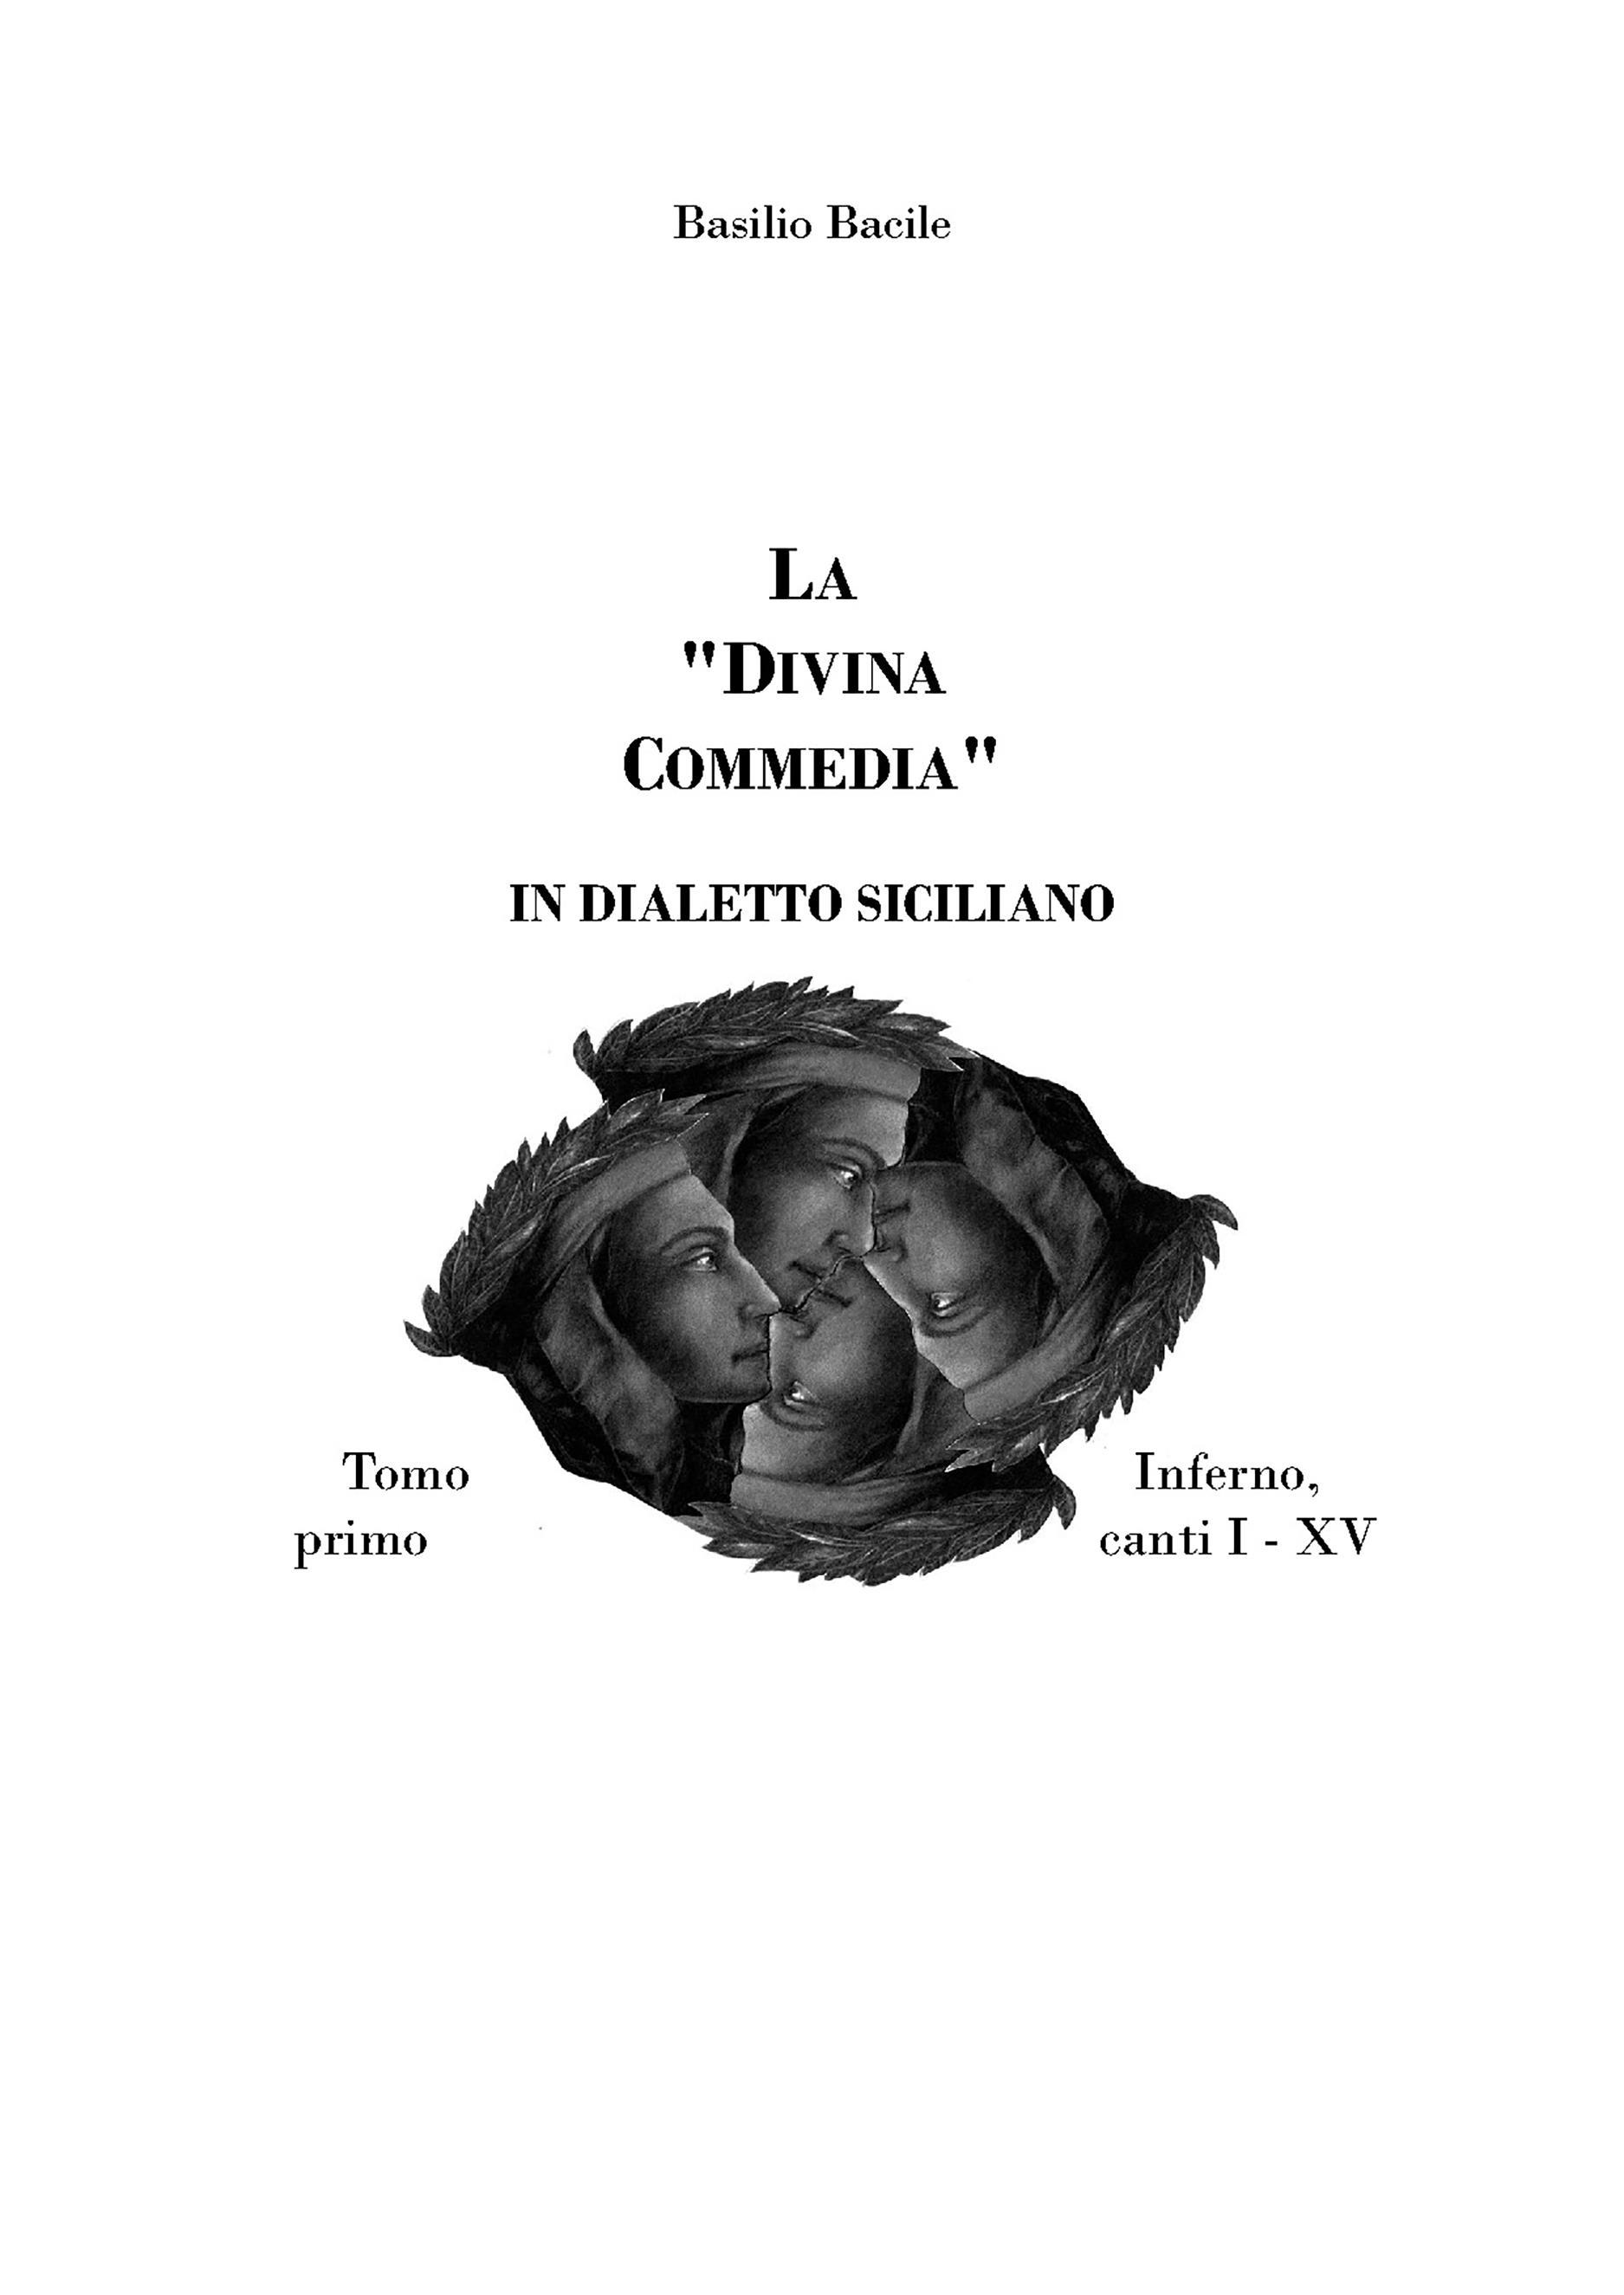 La Divina Commedia in dialetto siciliano. Inferno, canti I - XV